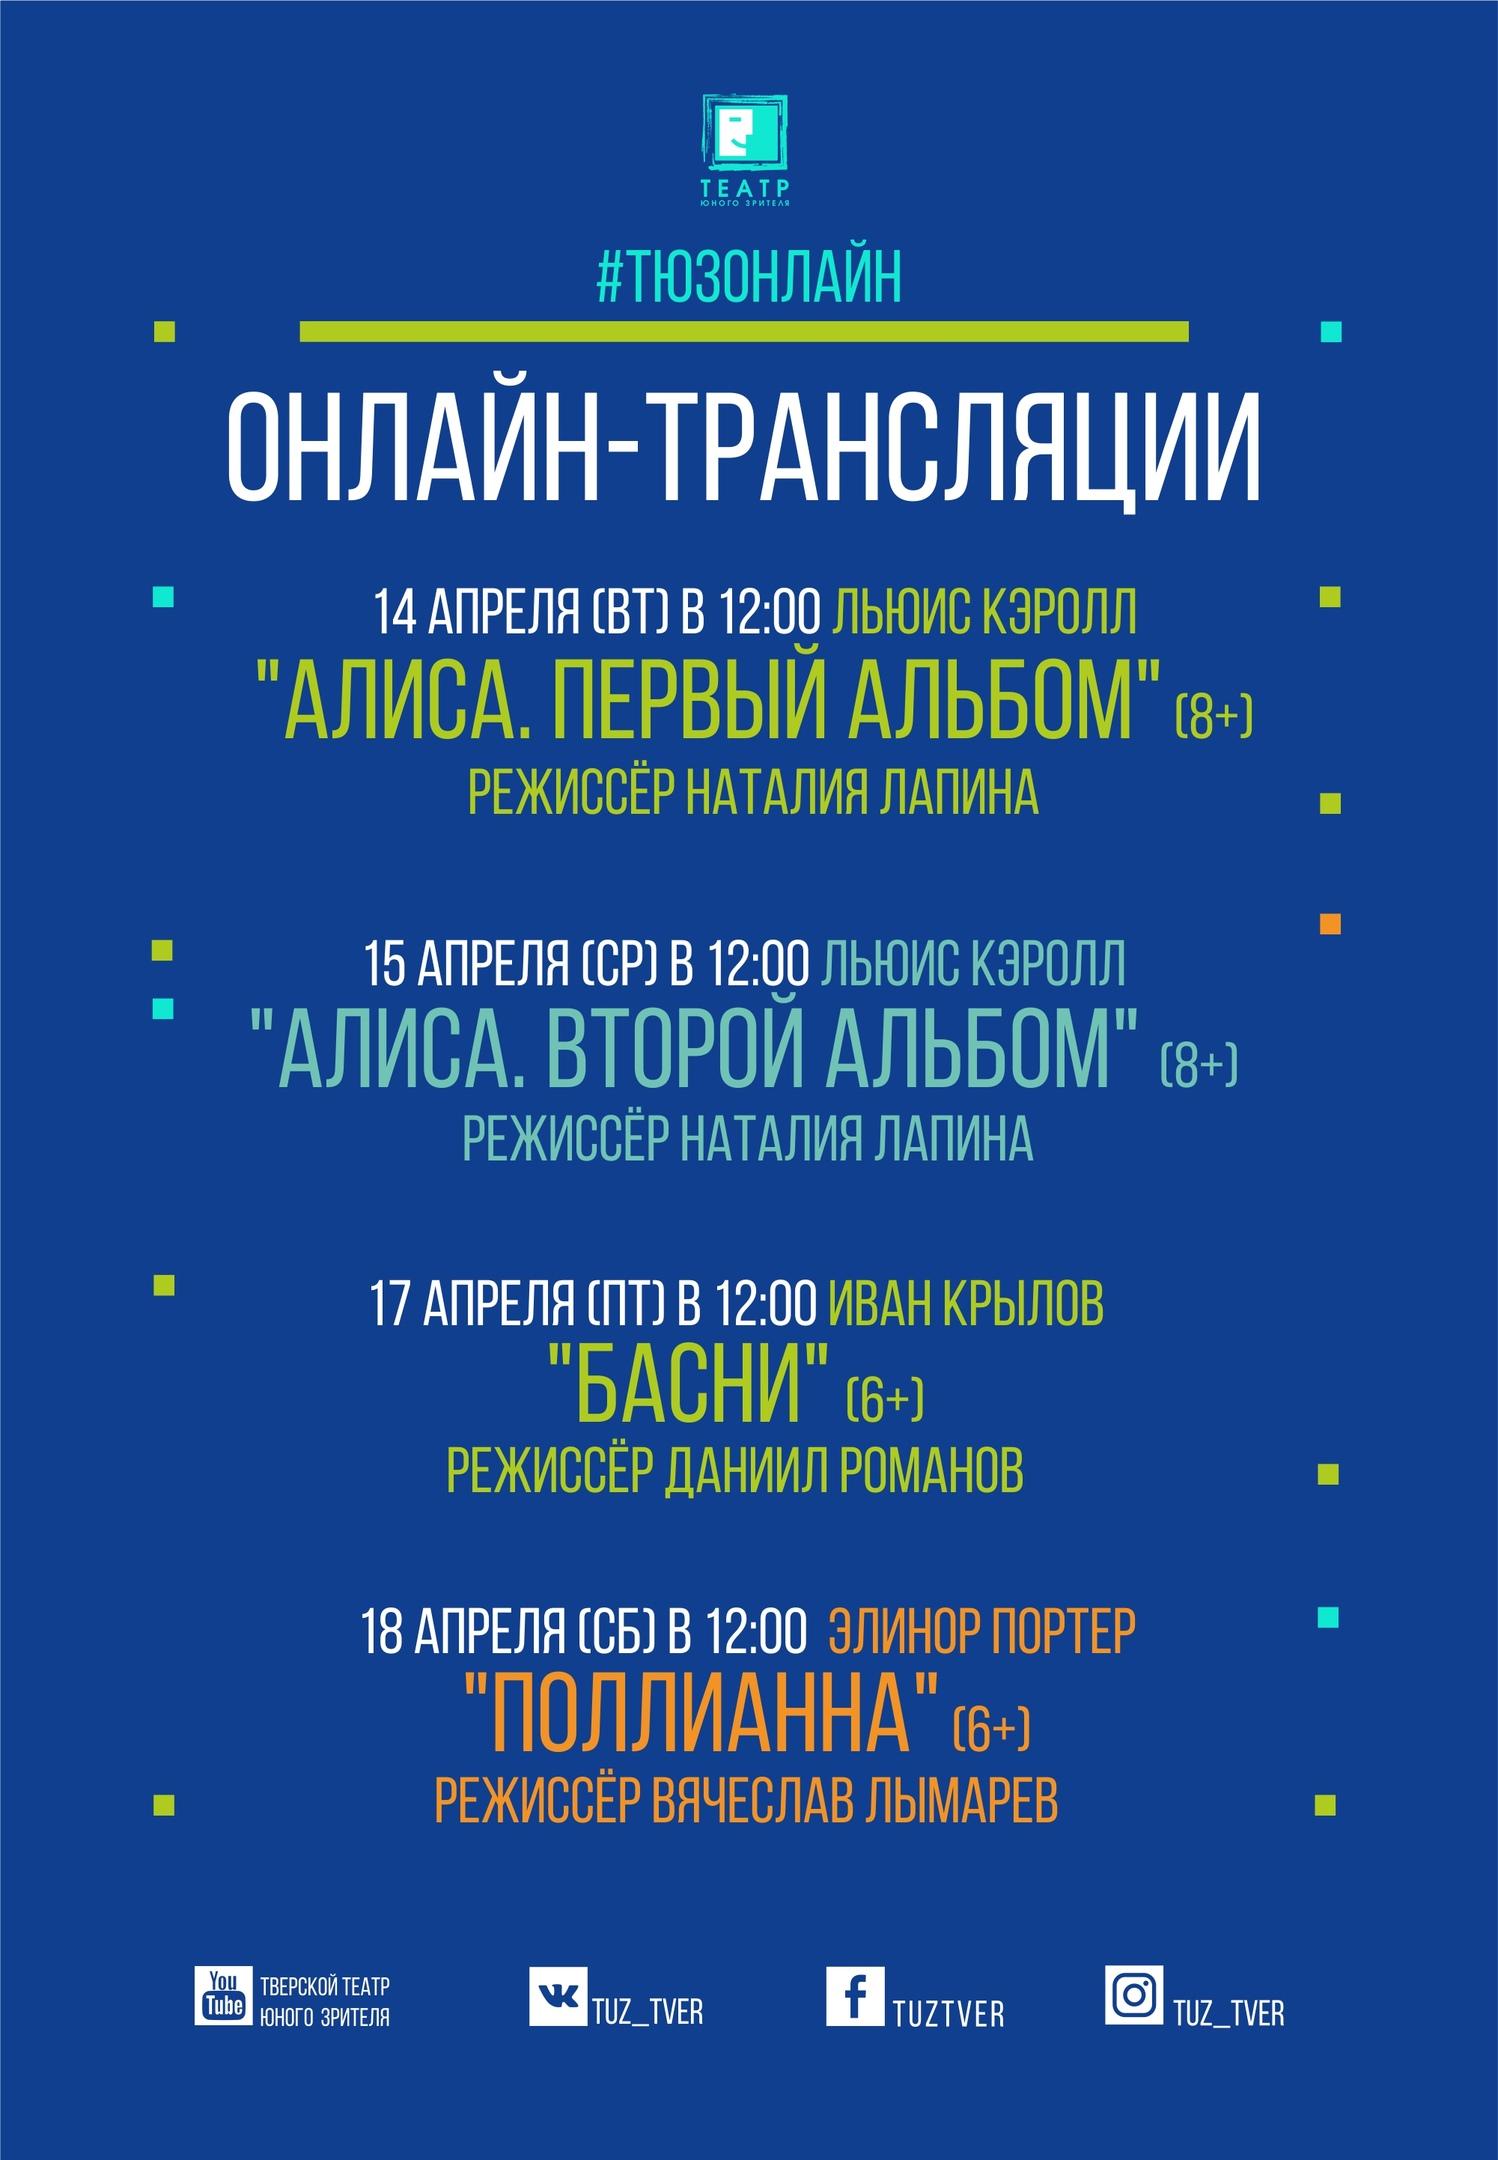 Тверской ТЮЗ работает онлайн: спектакли, мастер-классы, подкасты